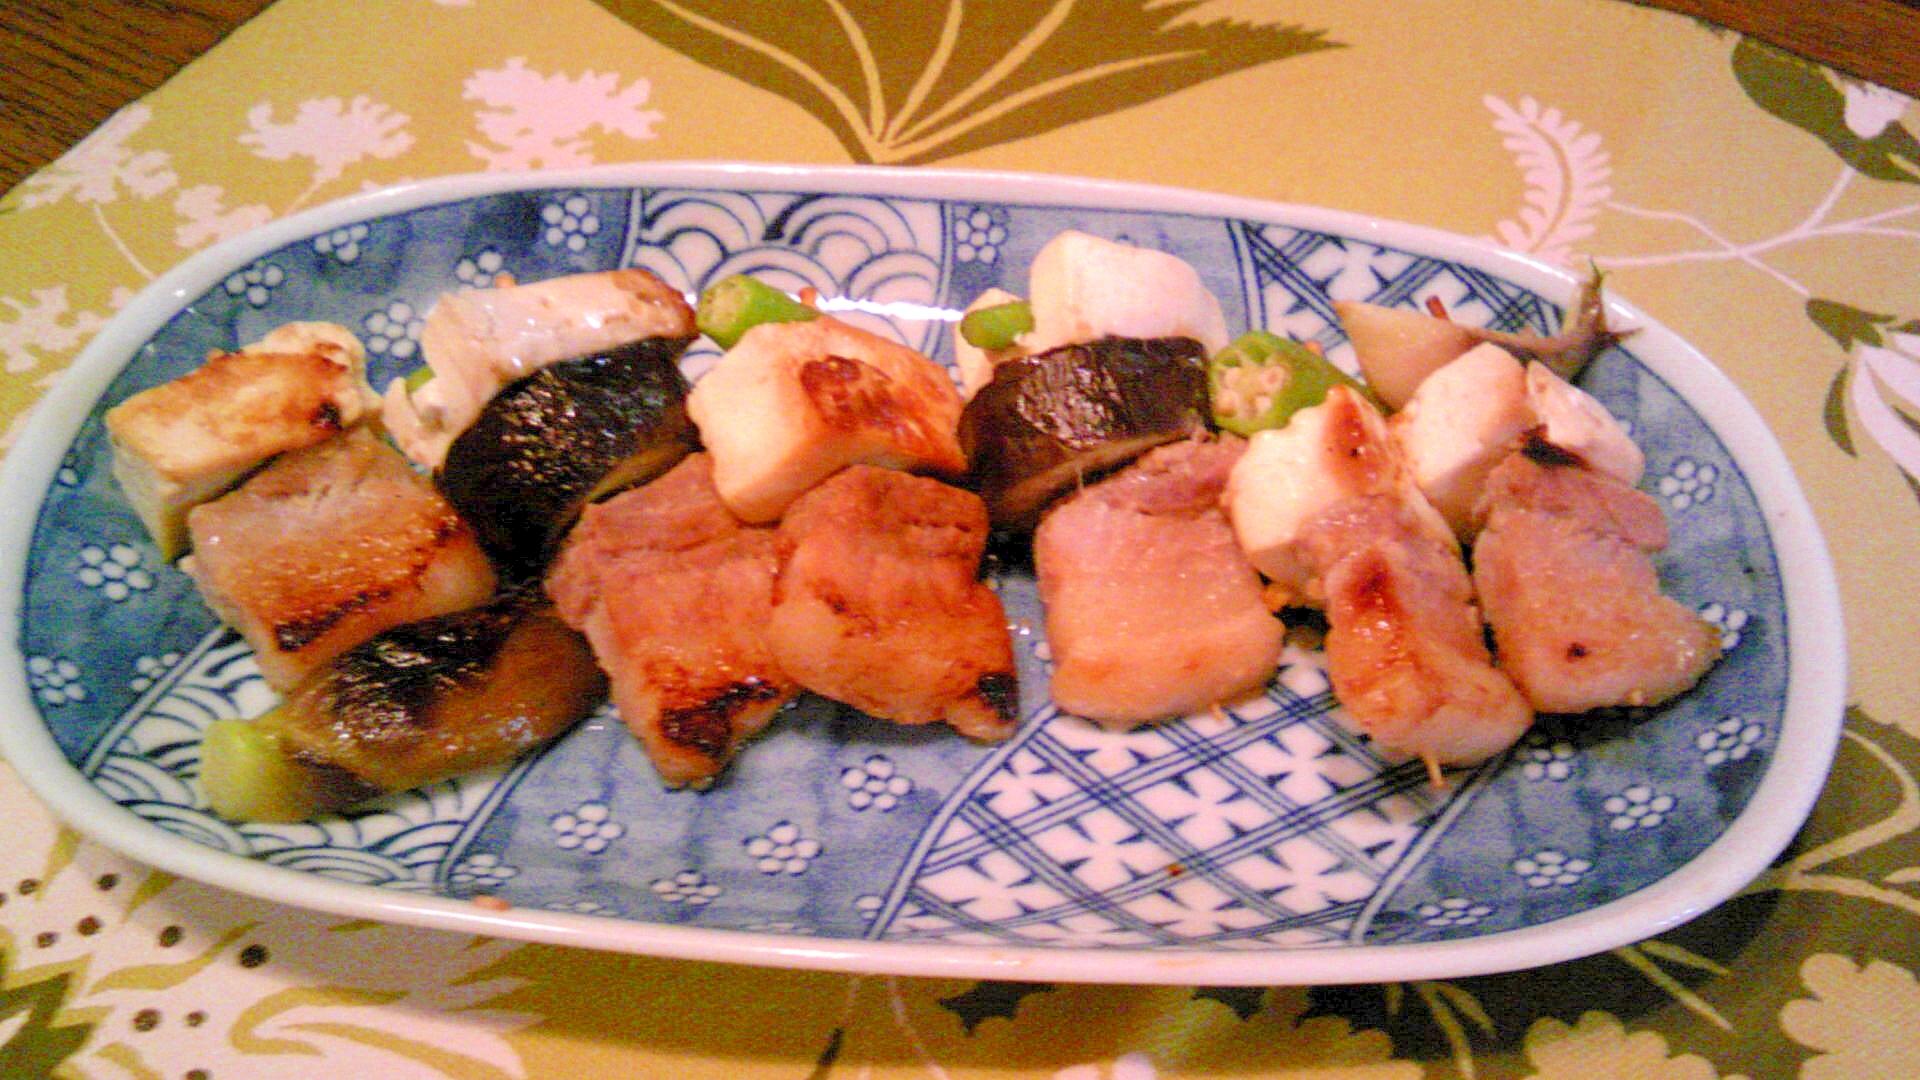 豆腐・豚バラ・オクラ/茗荷の串焼き